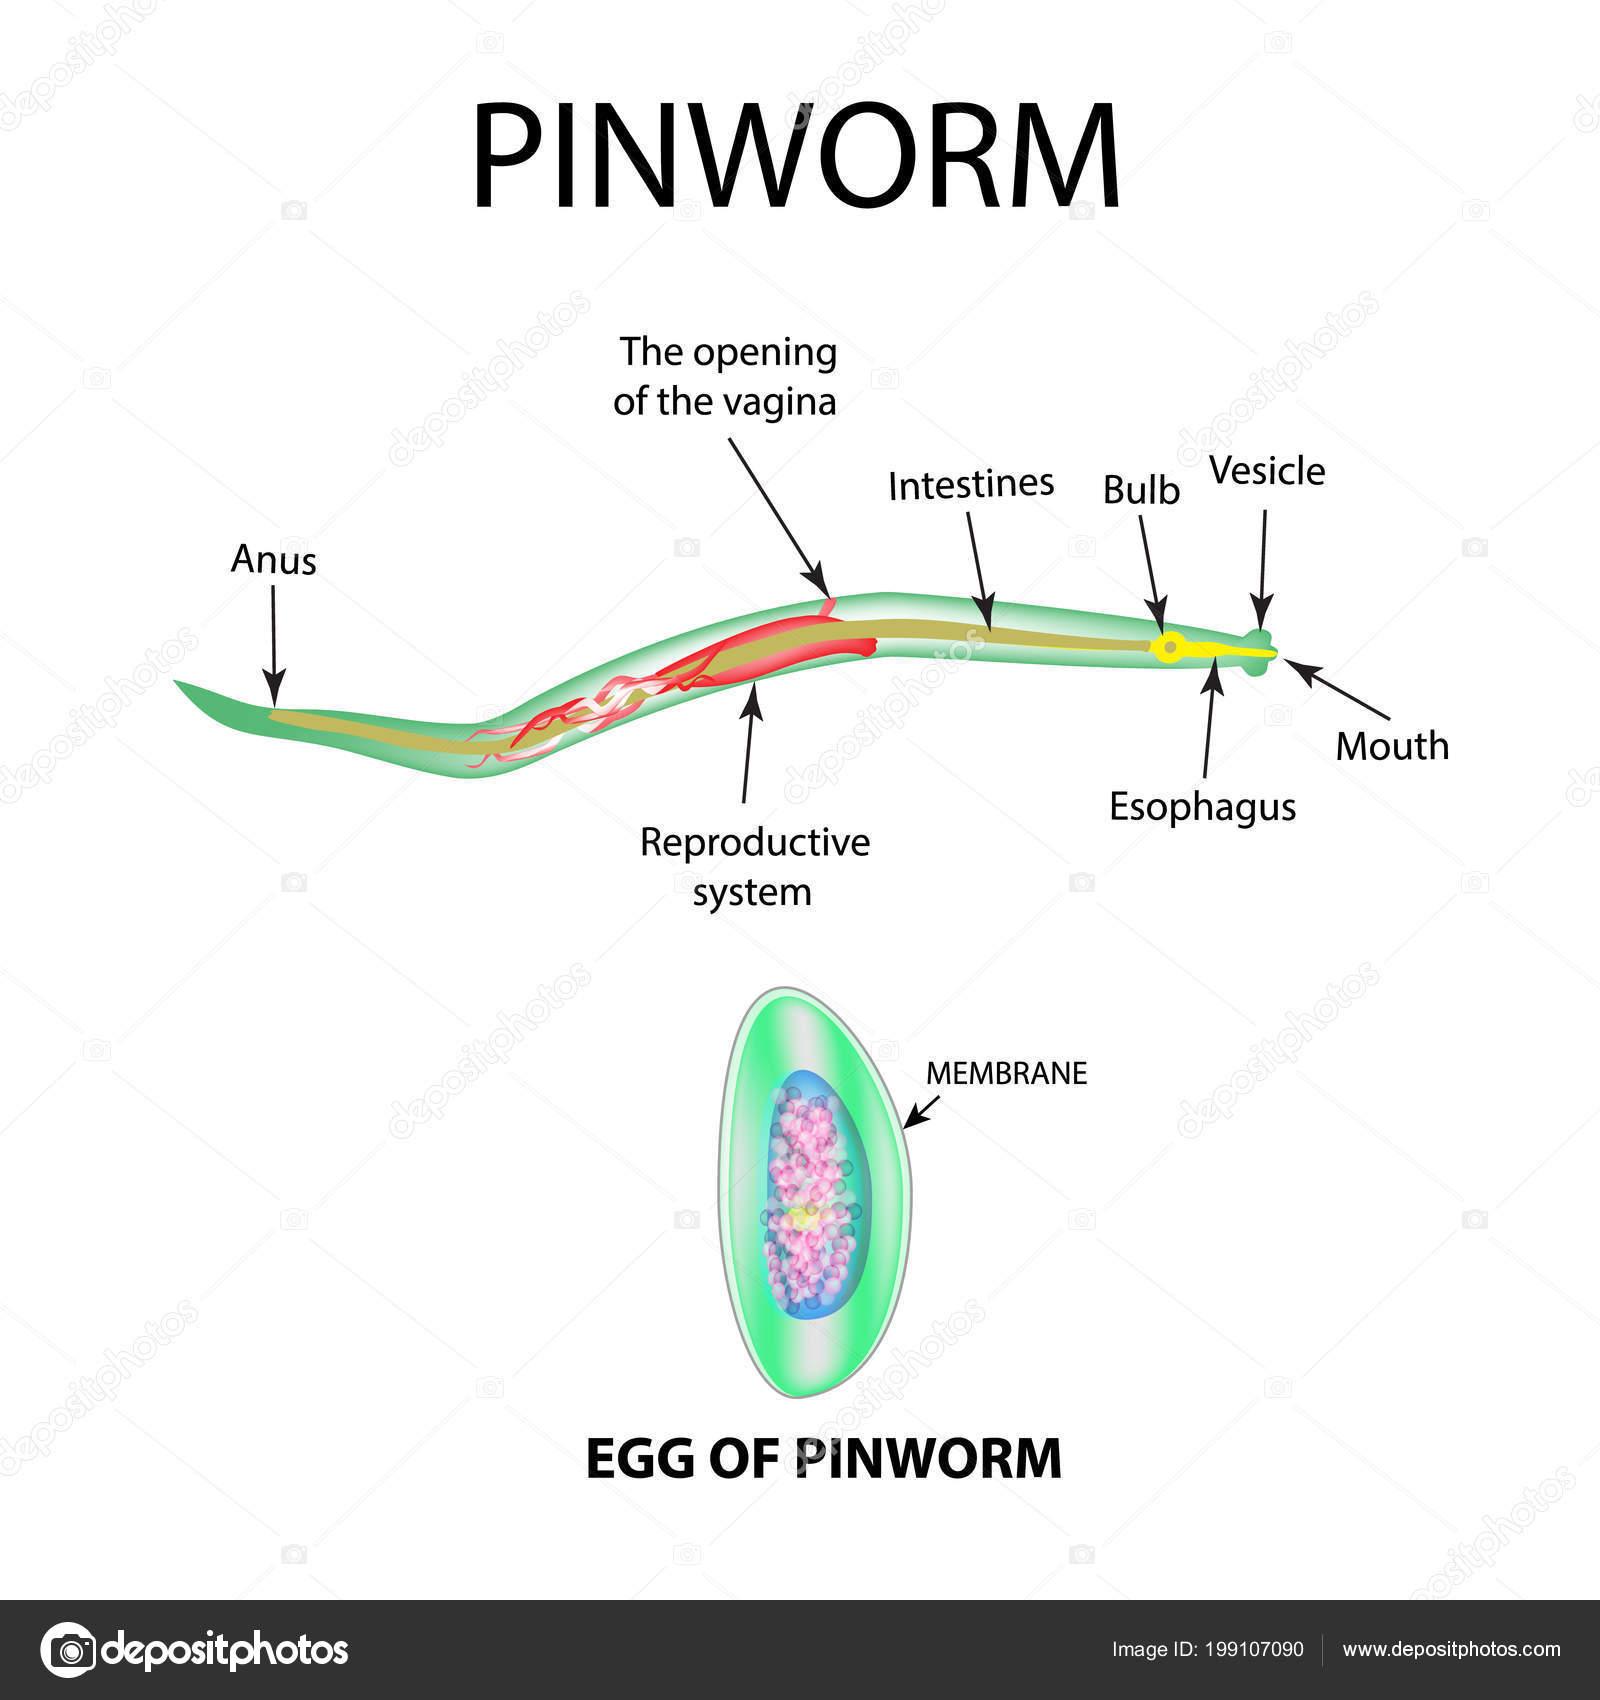 pinworm fejlesztési ciklus diagram